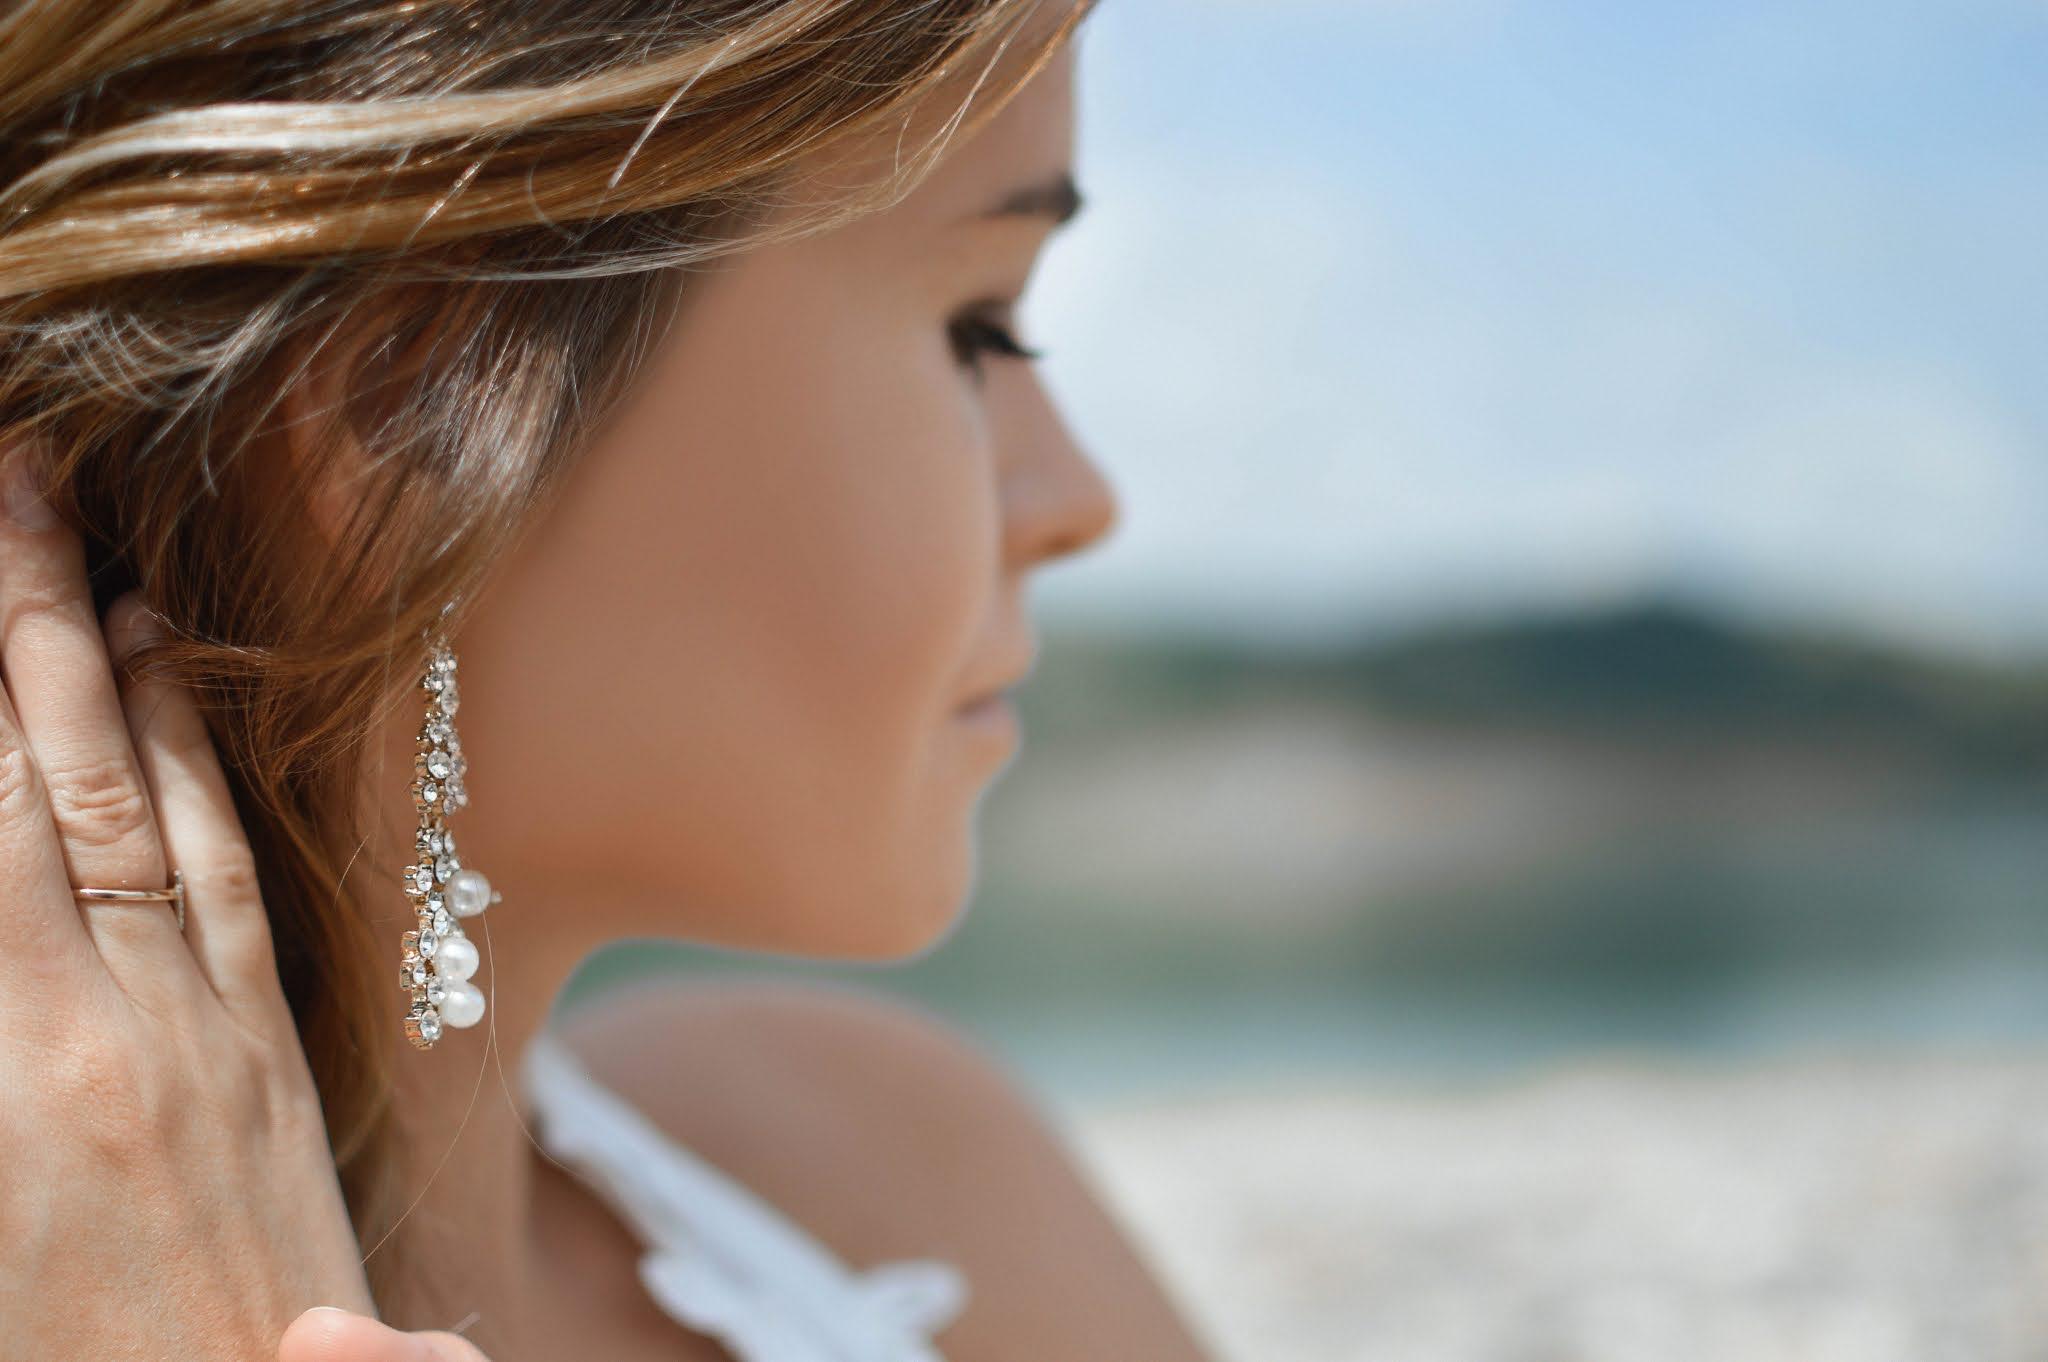 Kolczyki srebrne - idealna biżuteria na każdą okazję